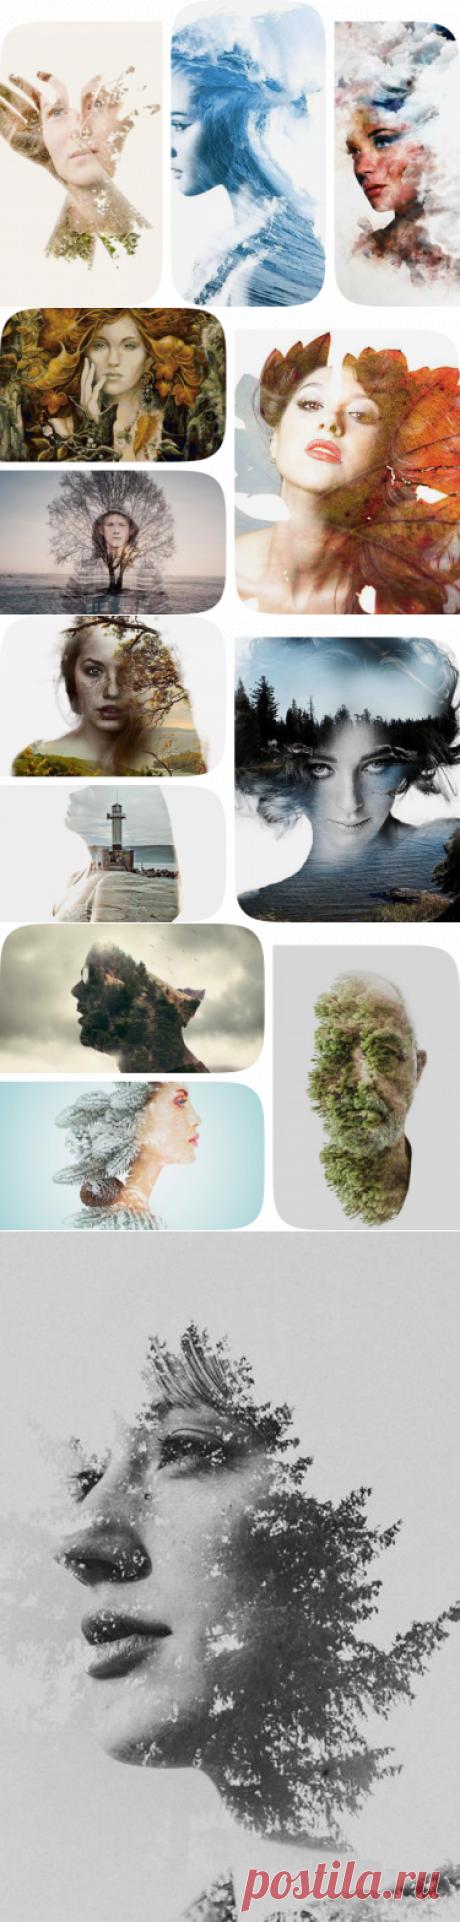 Коллекция «Картины с двойной экспозицией.» пользователя Елена Н. в Яндекс.Коллекциях